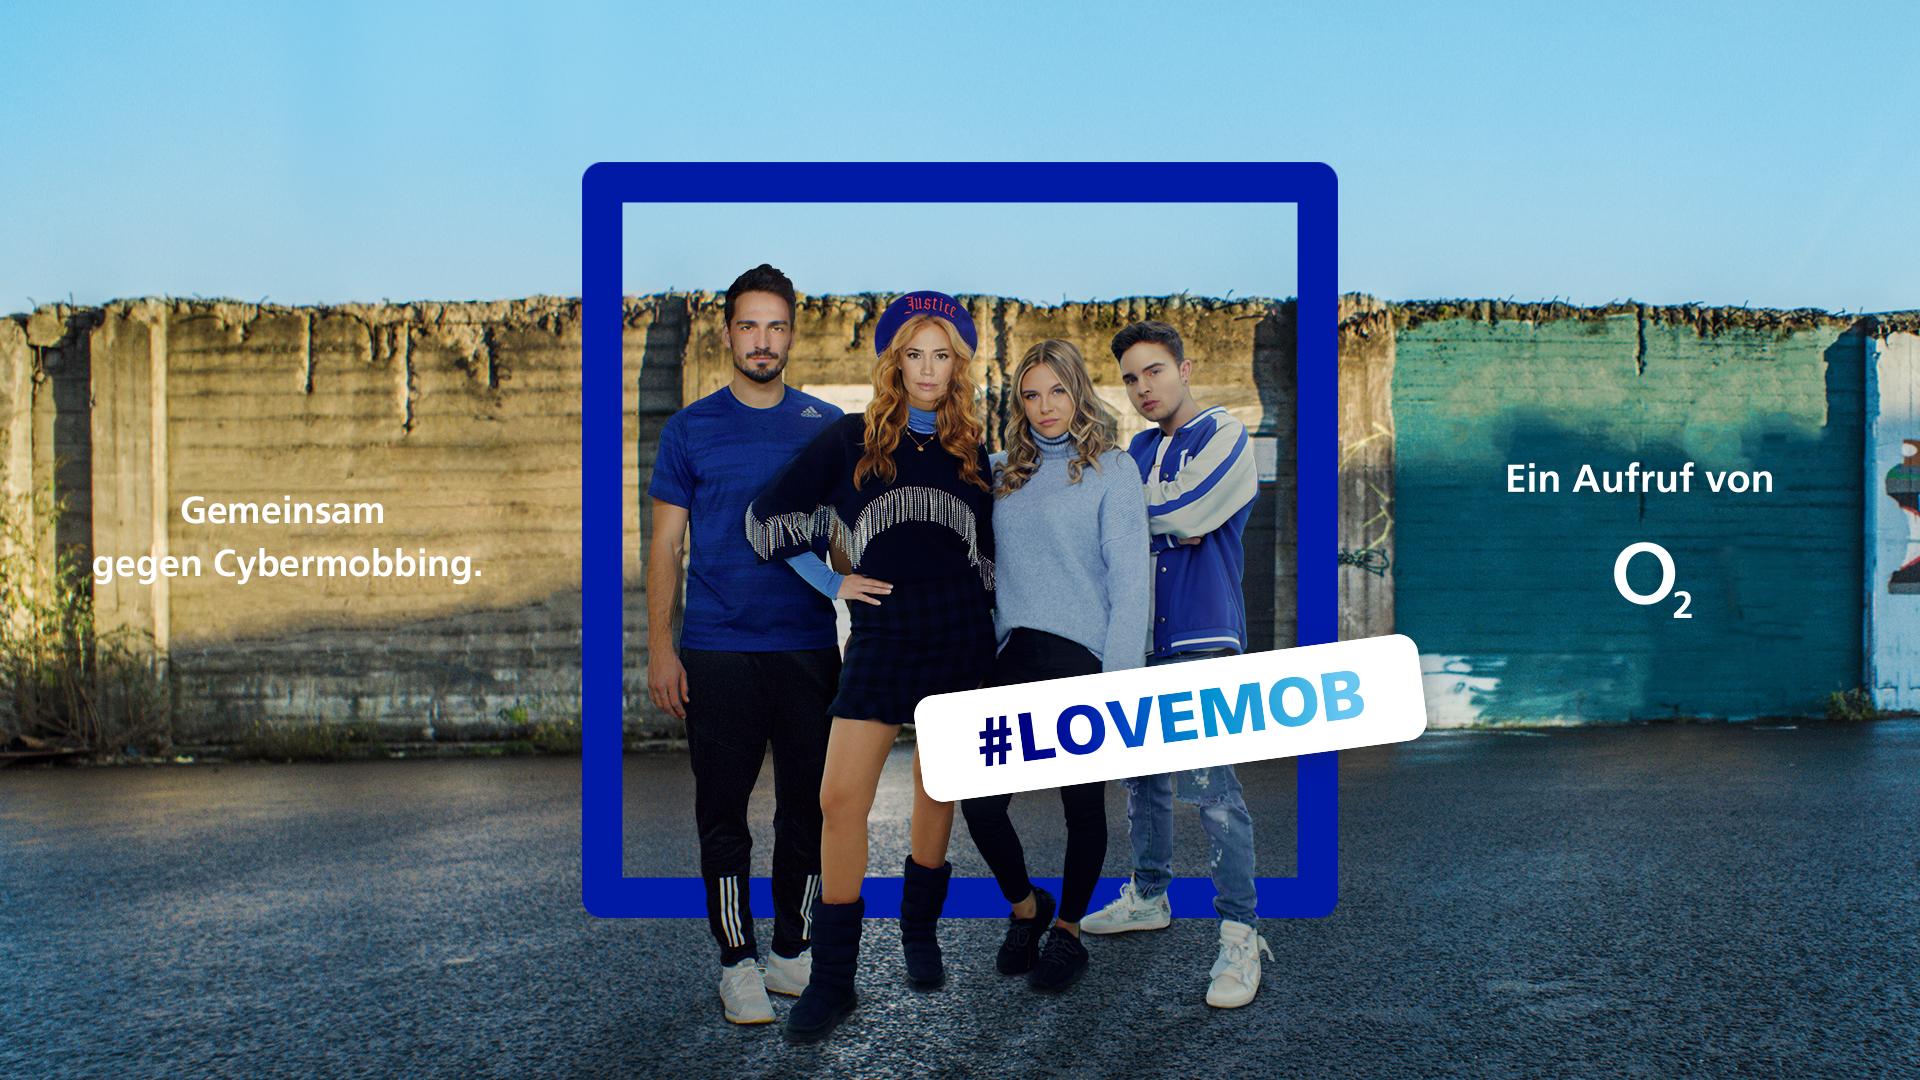 #LOVEMOB: Mit dieser Influencer-Kampagne will O2 gegen Cybermobbing mobil machen